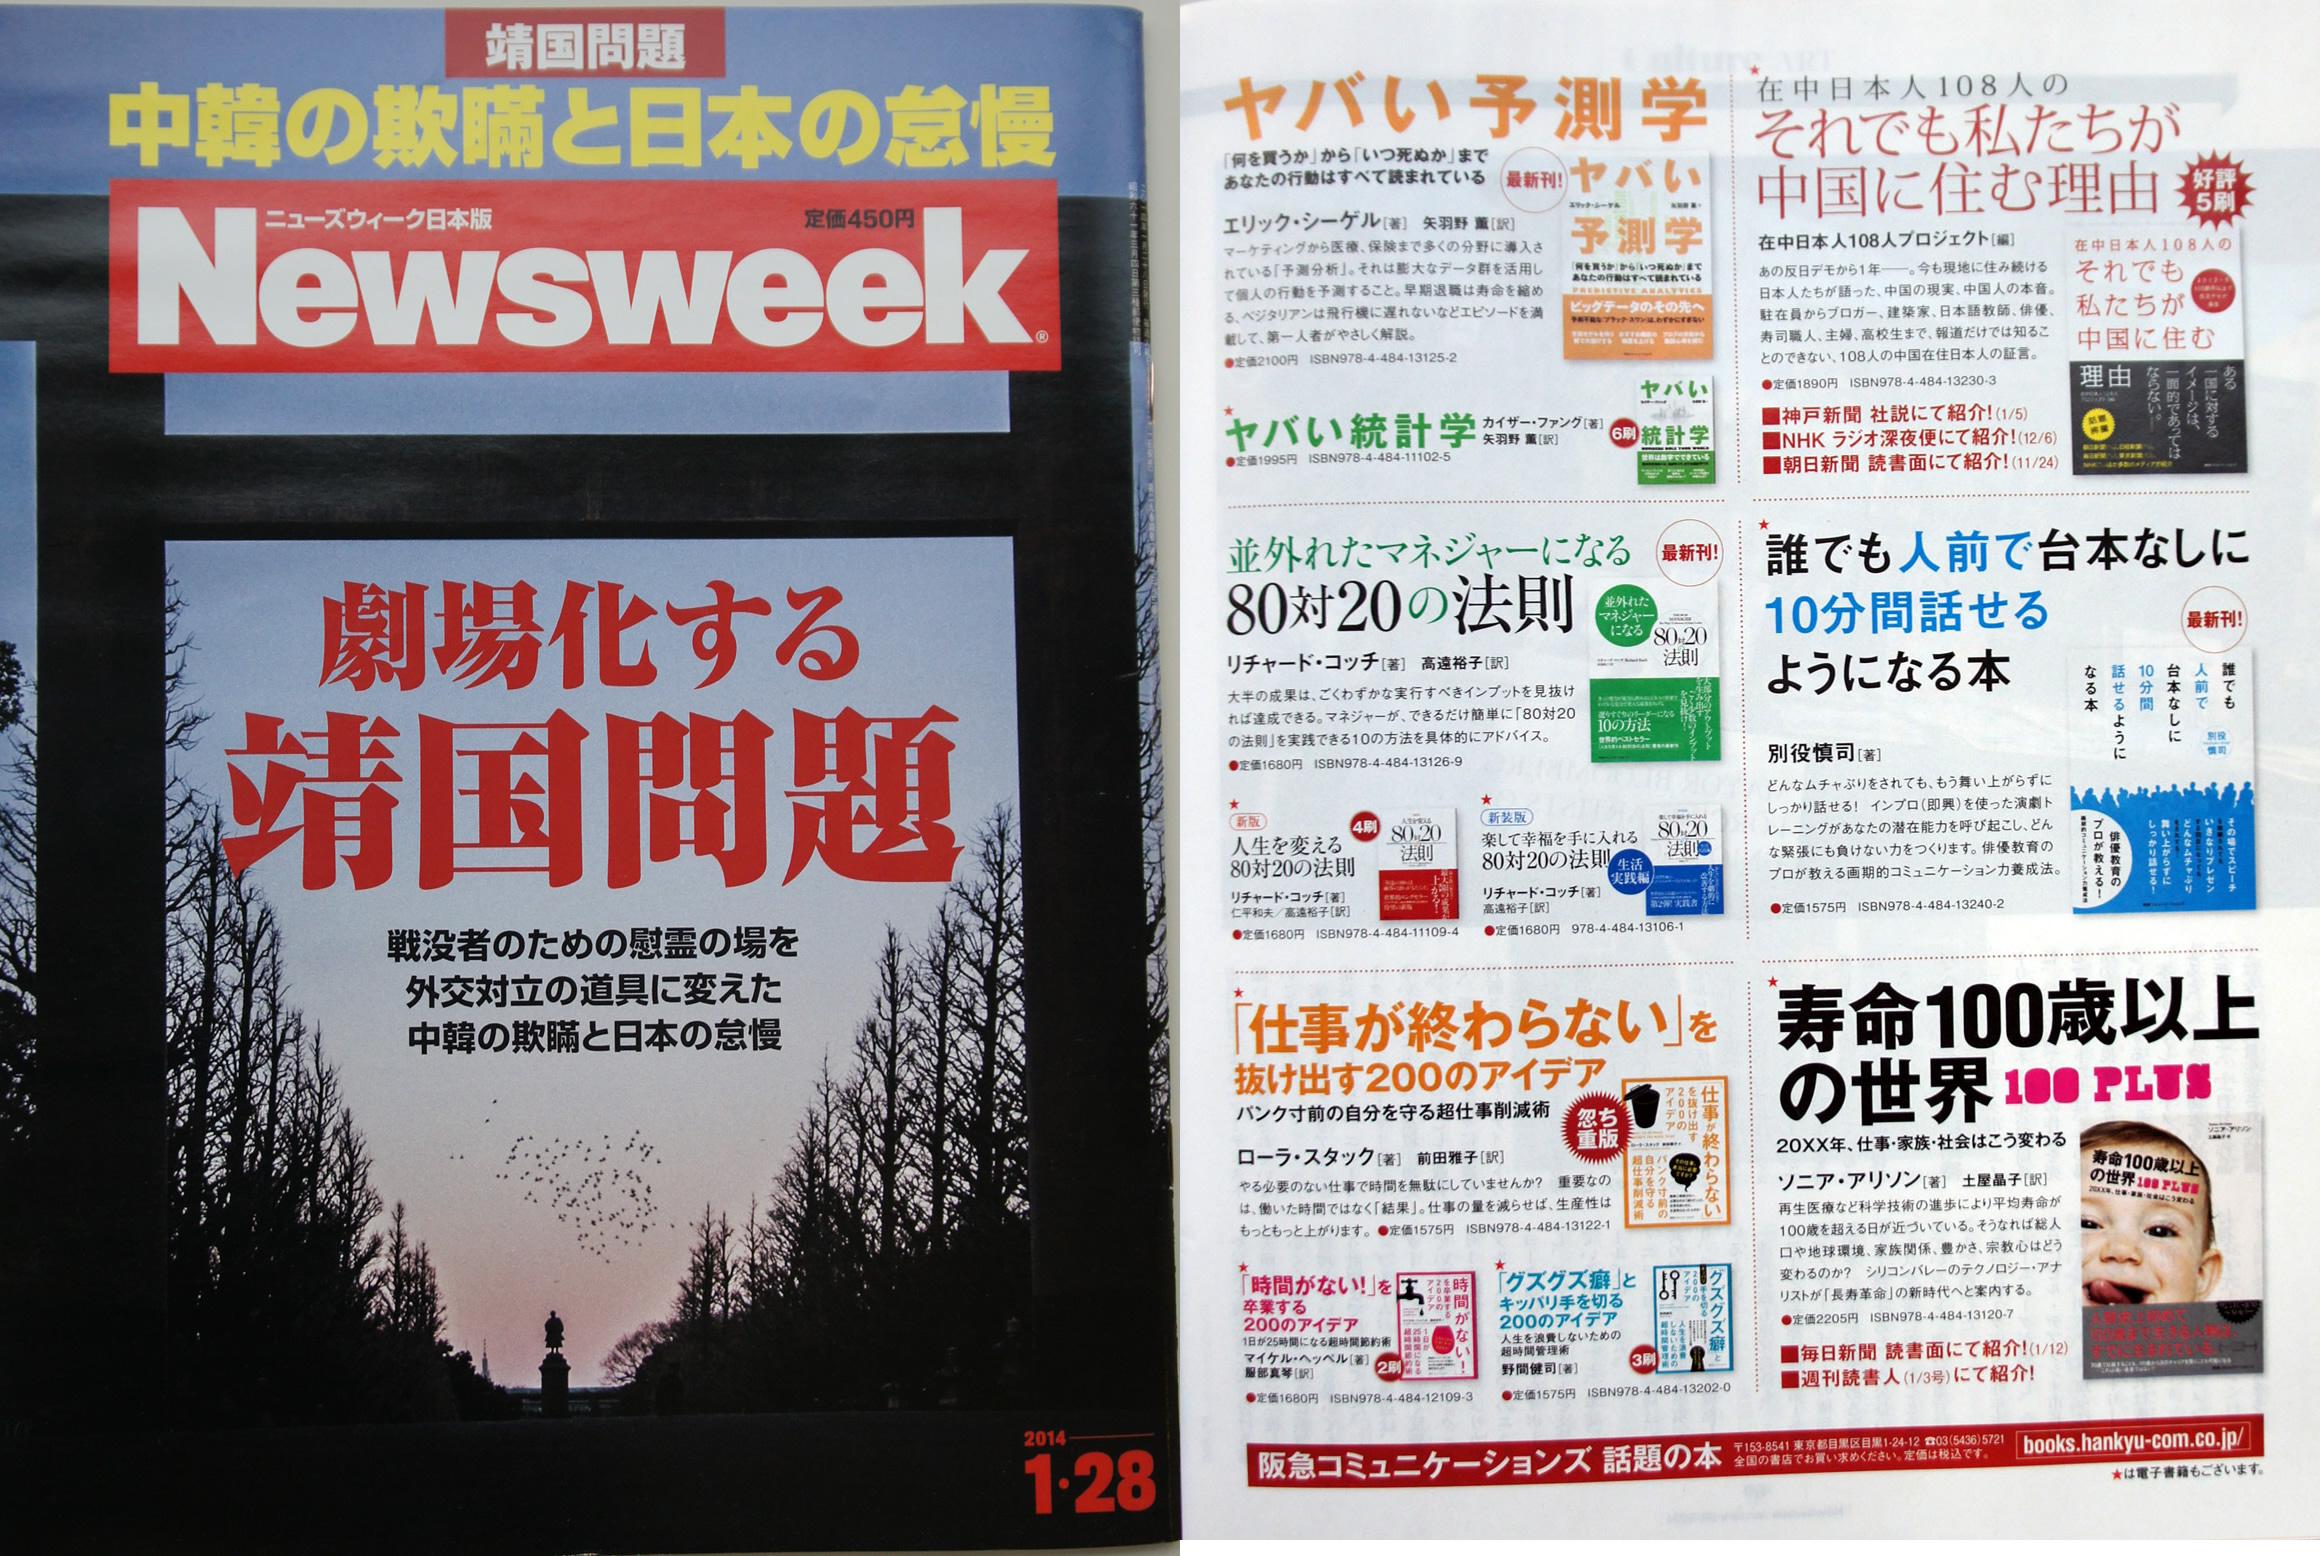 newsweek128